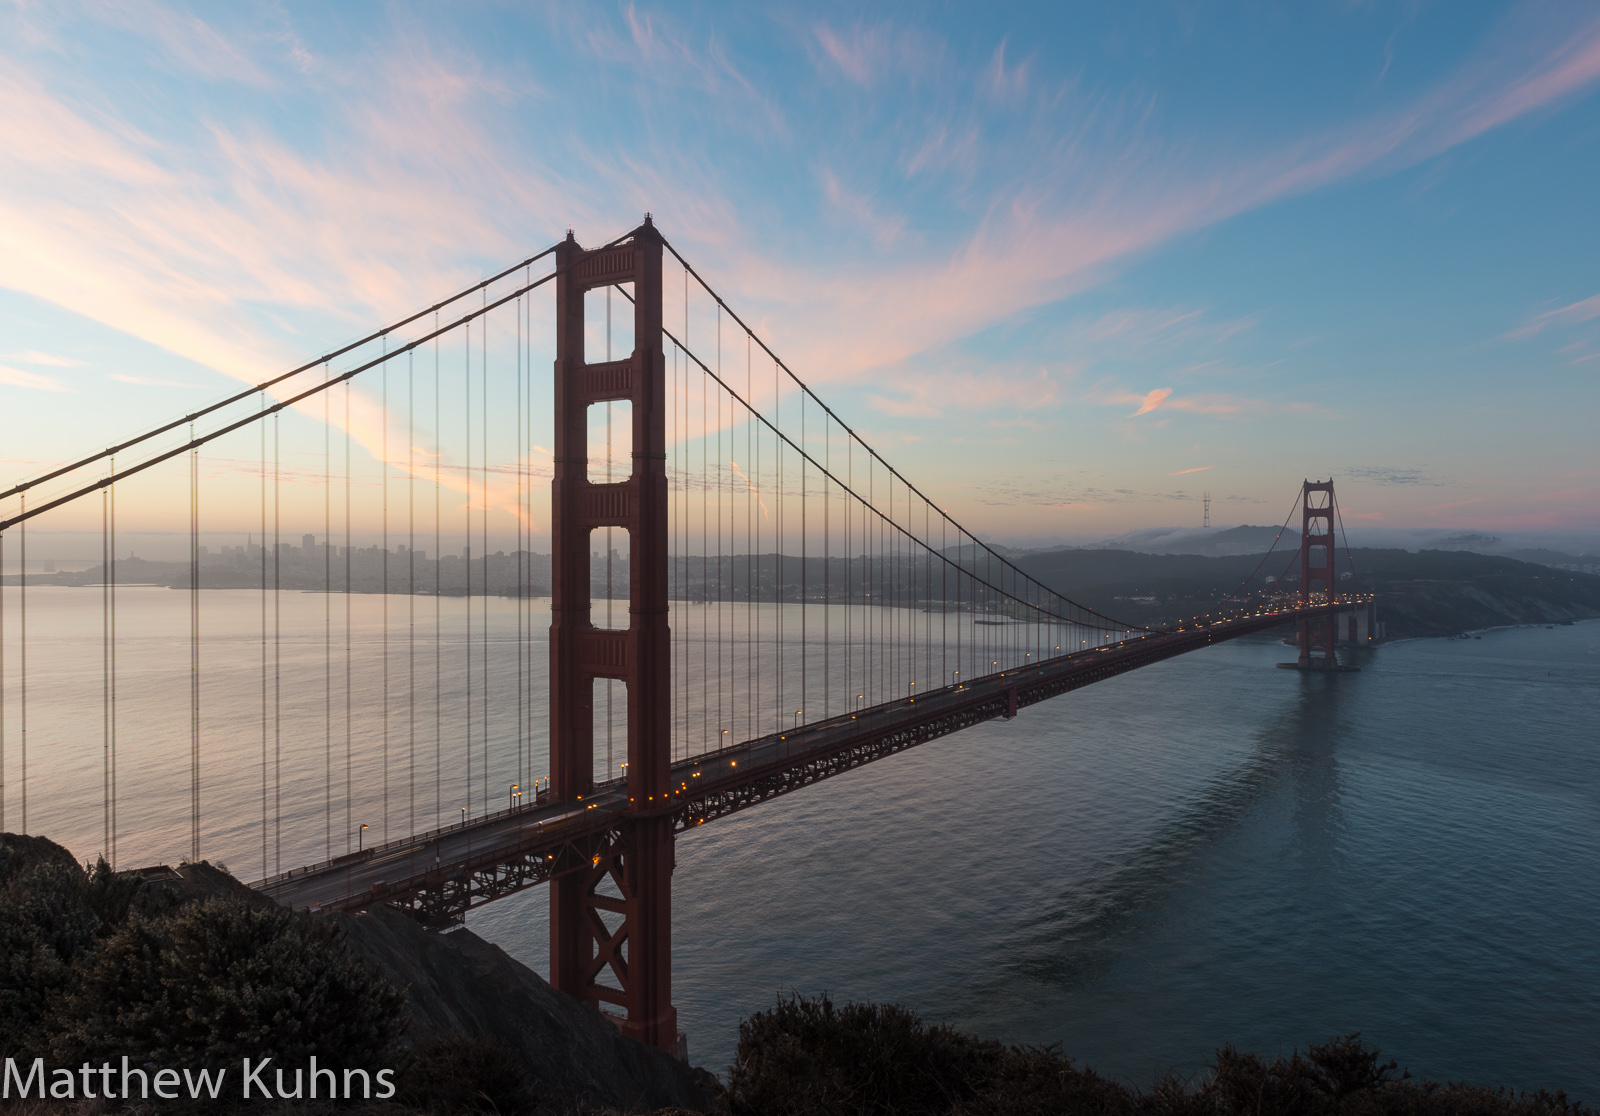 Image Details: 24mm f/18 0.6 seconds Nikon D800